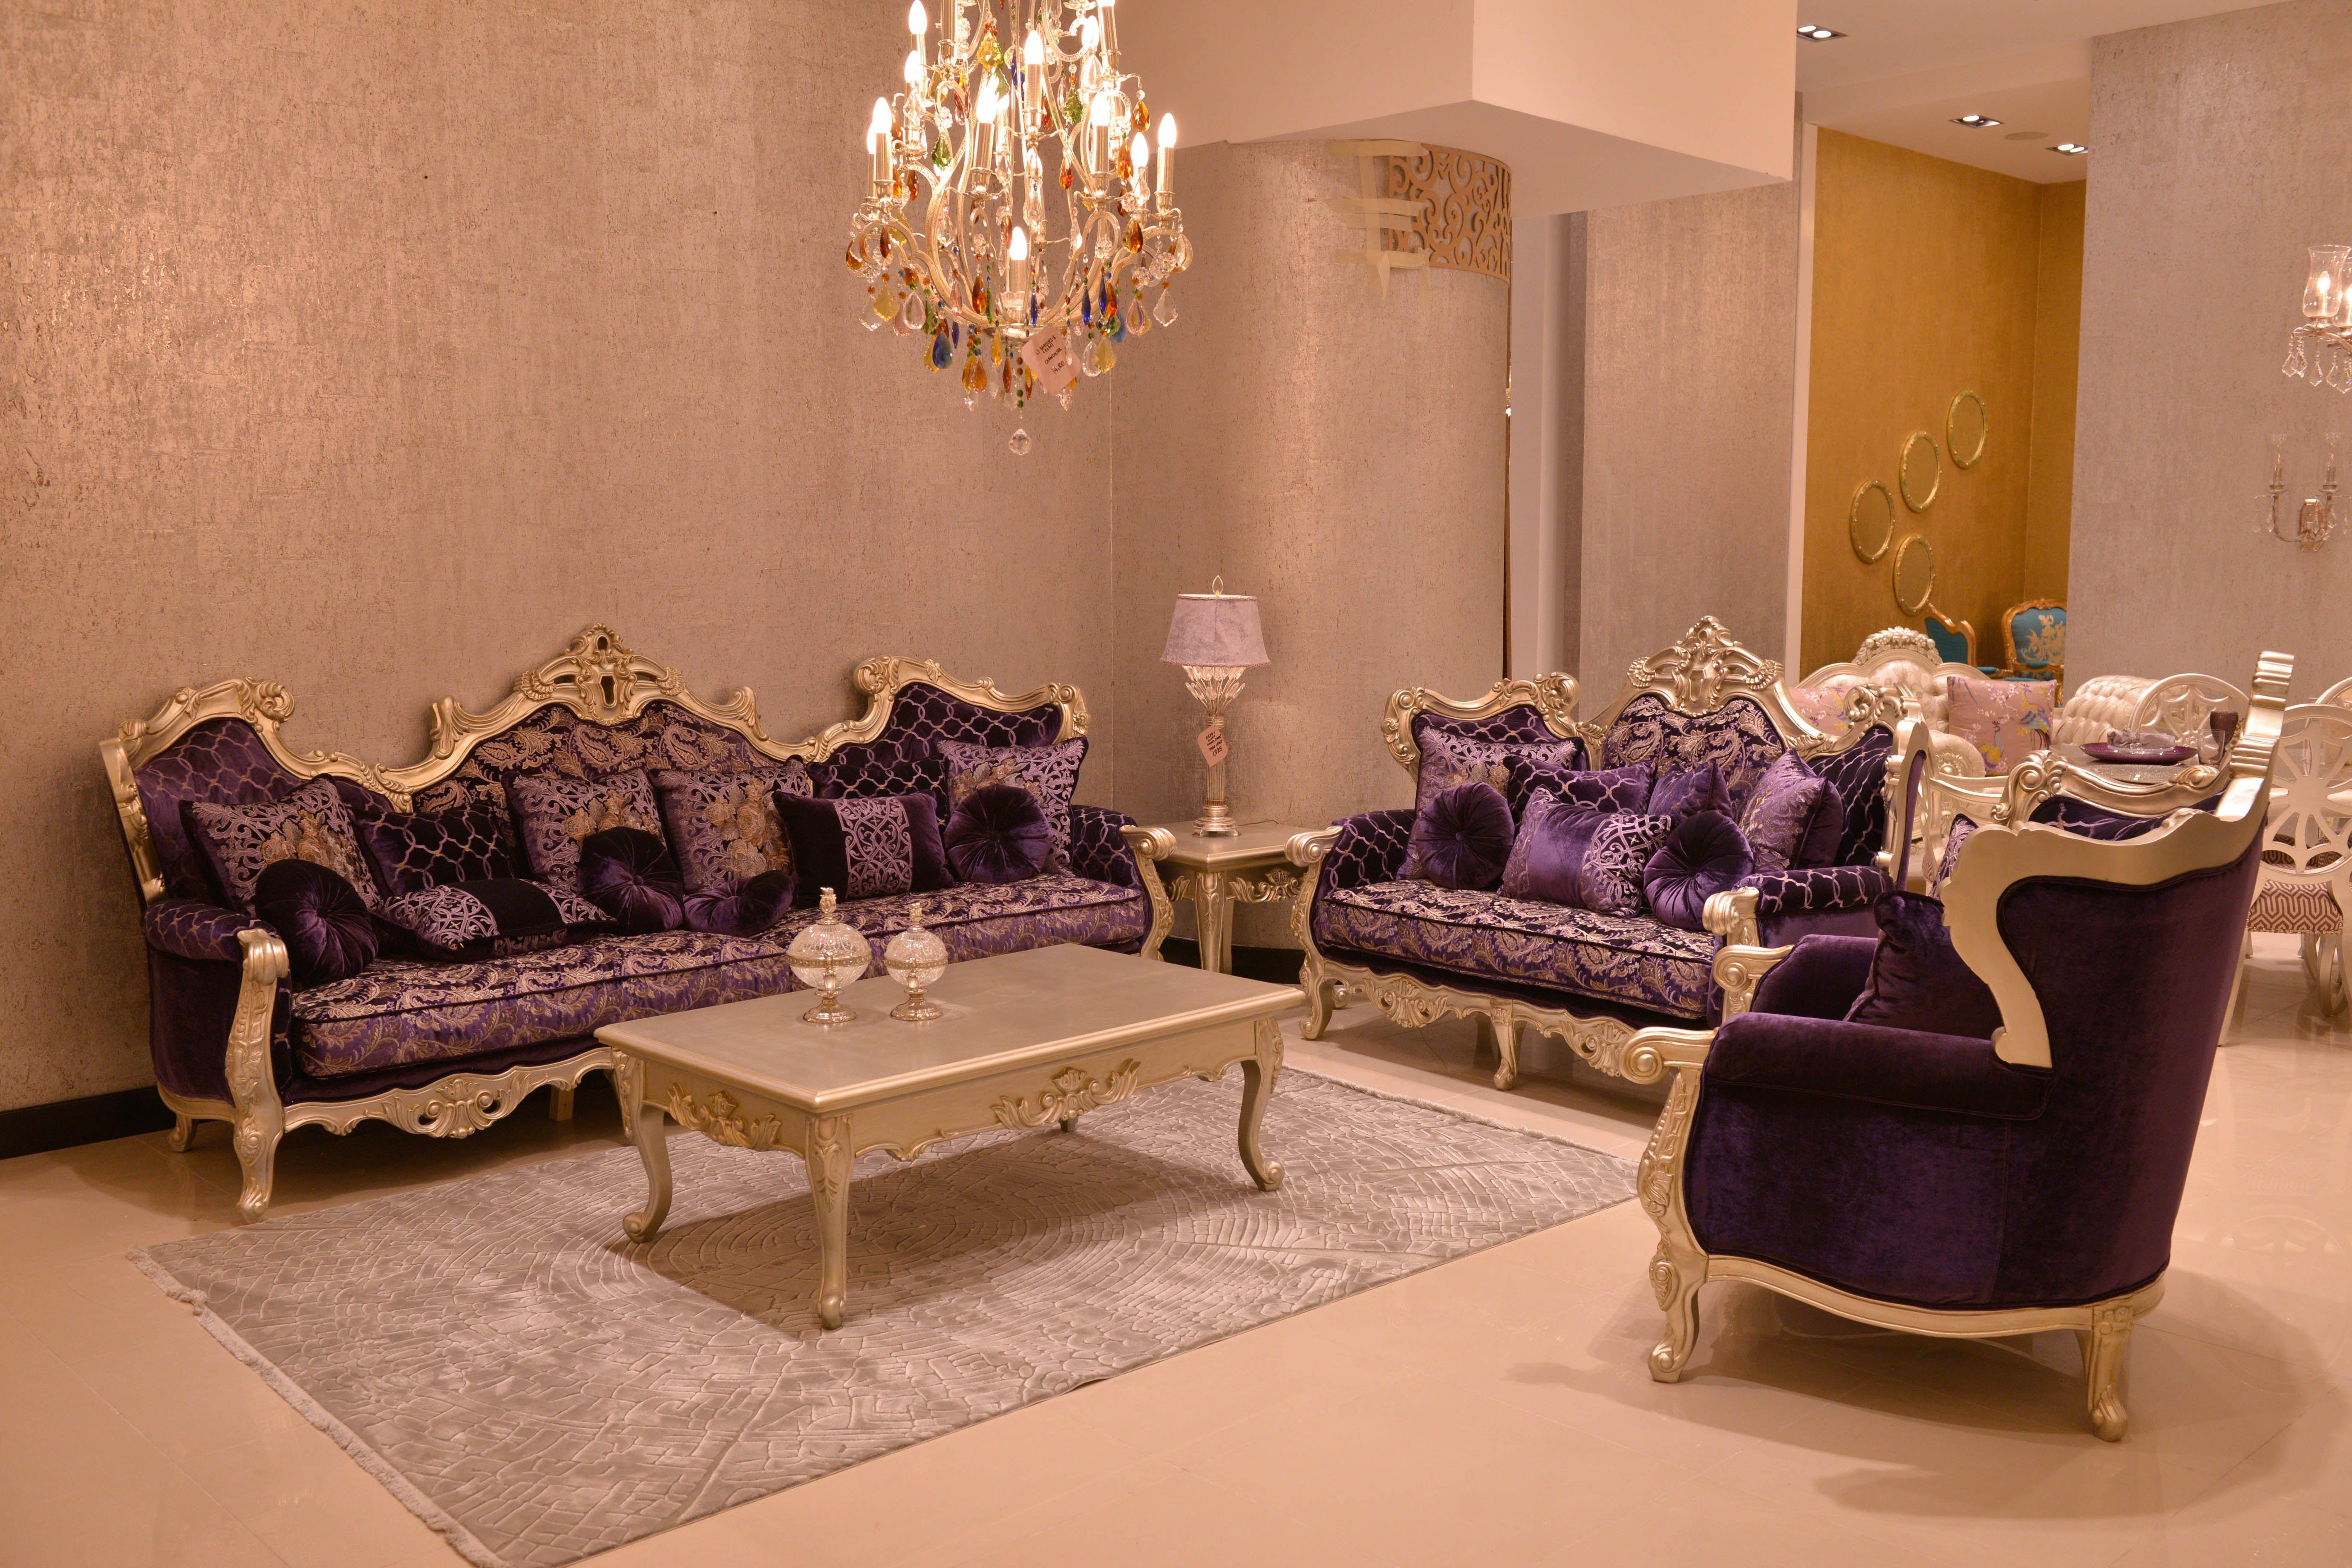 أفكار ملهمة للتصميم الداخلي على بعد صالة عرض فقط الحذيفة أثاث فخم صالة العرض دبي أبوظبي الشا Home Office Chairs Home Office Furniture